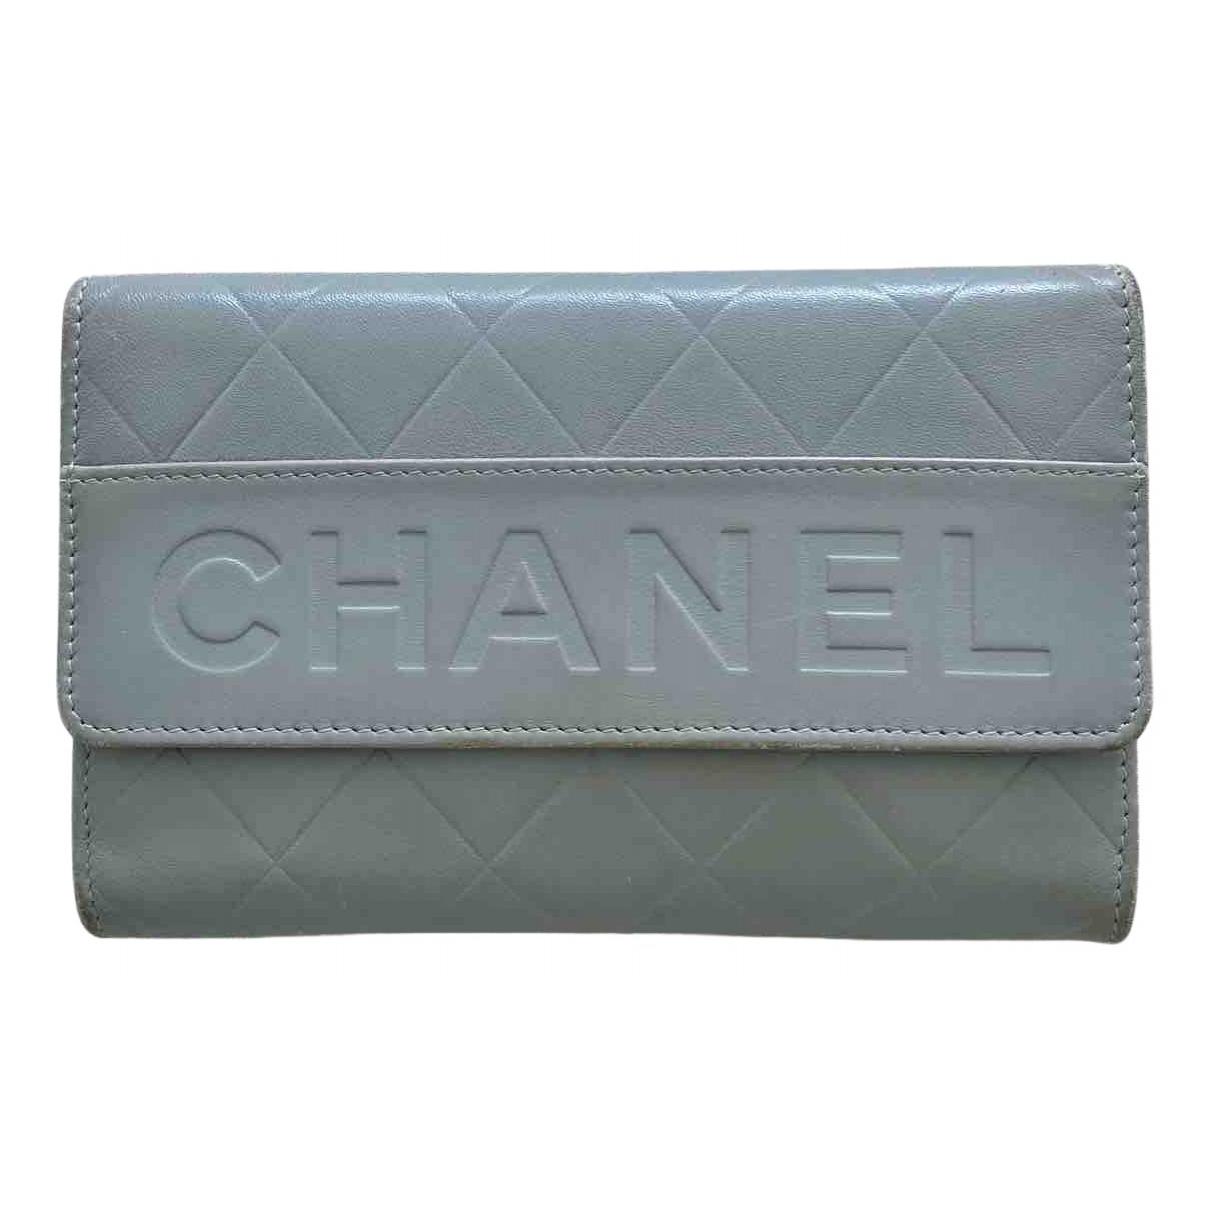 Chanel - Portefeuille   pour femme en cuir - gris